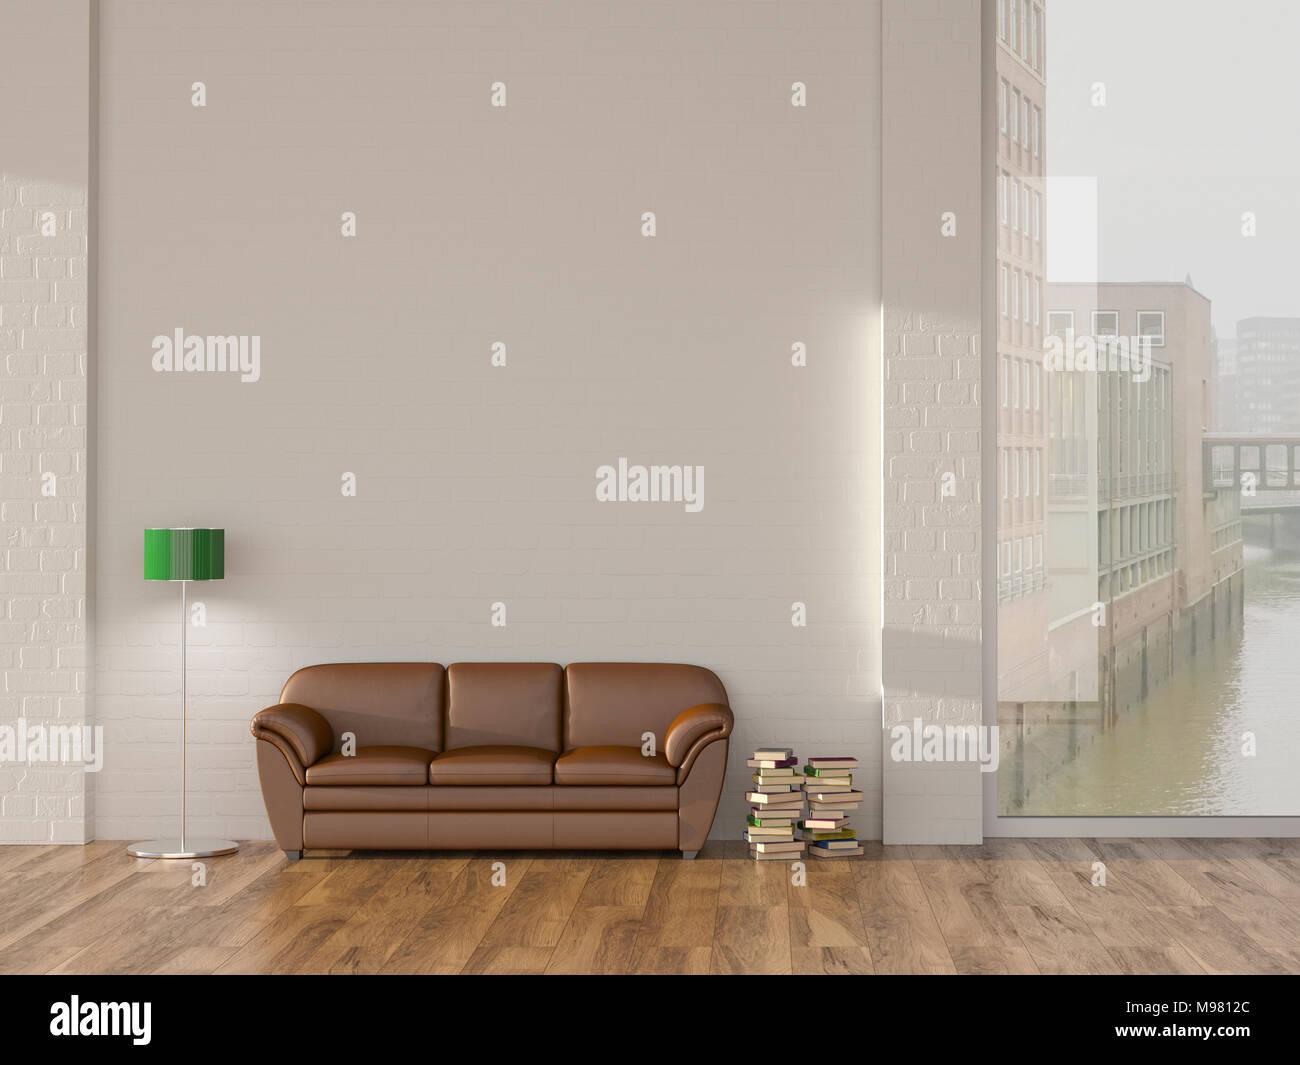 Camere Con Divano Letto : Lampada da terra e divano letto in camera con i libri e visualizza